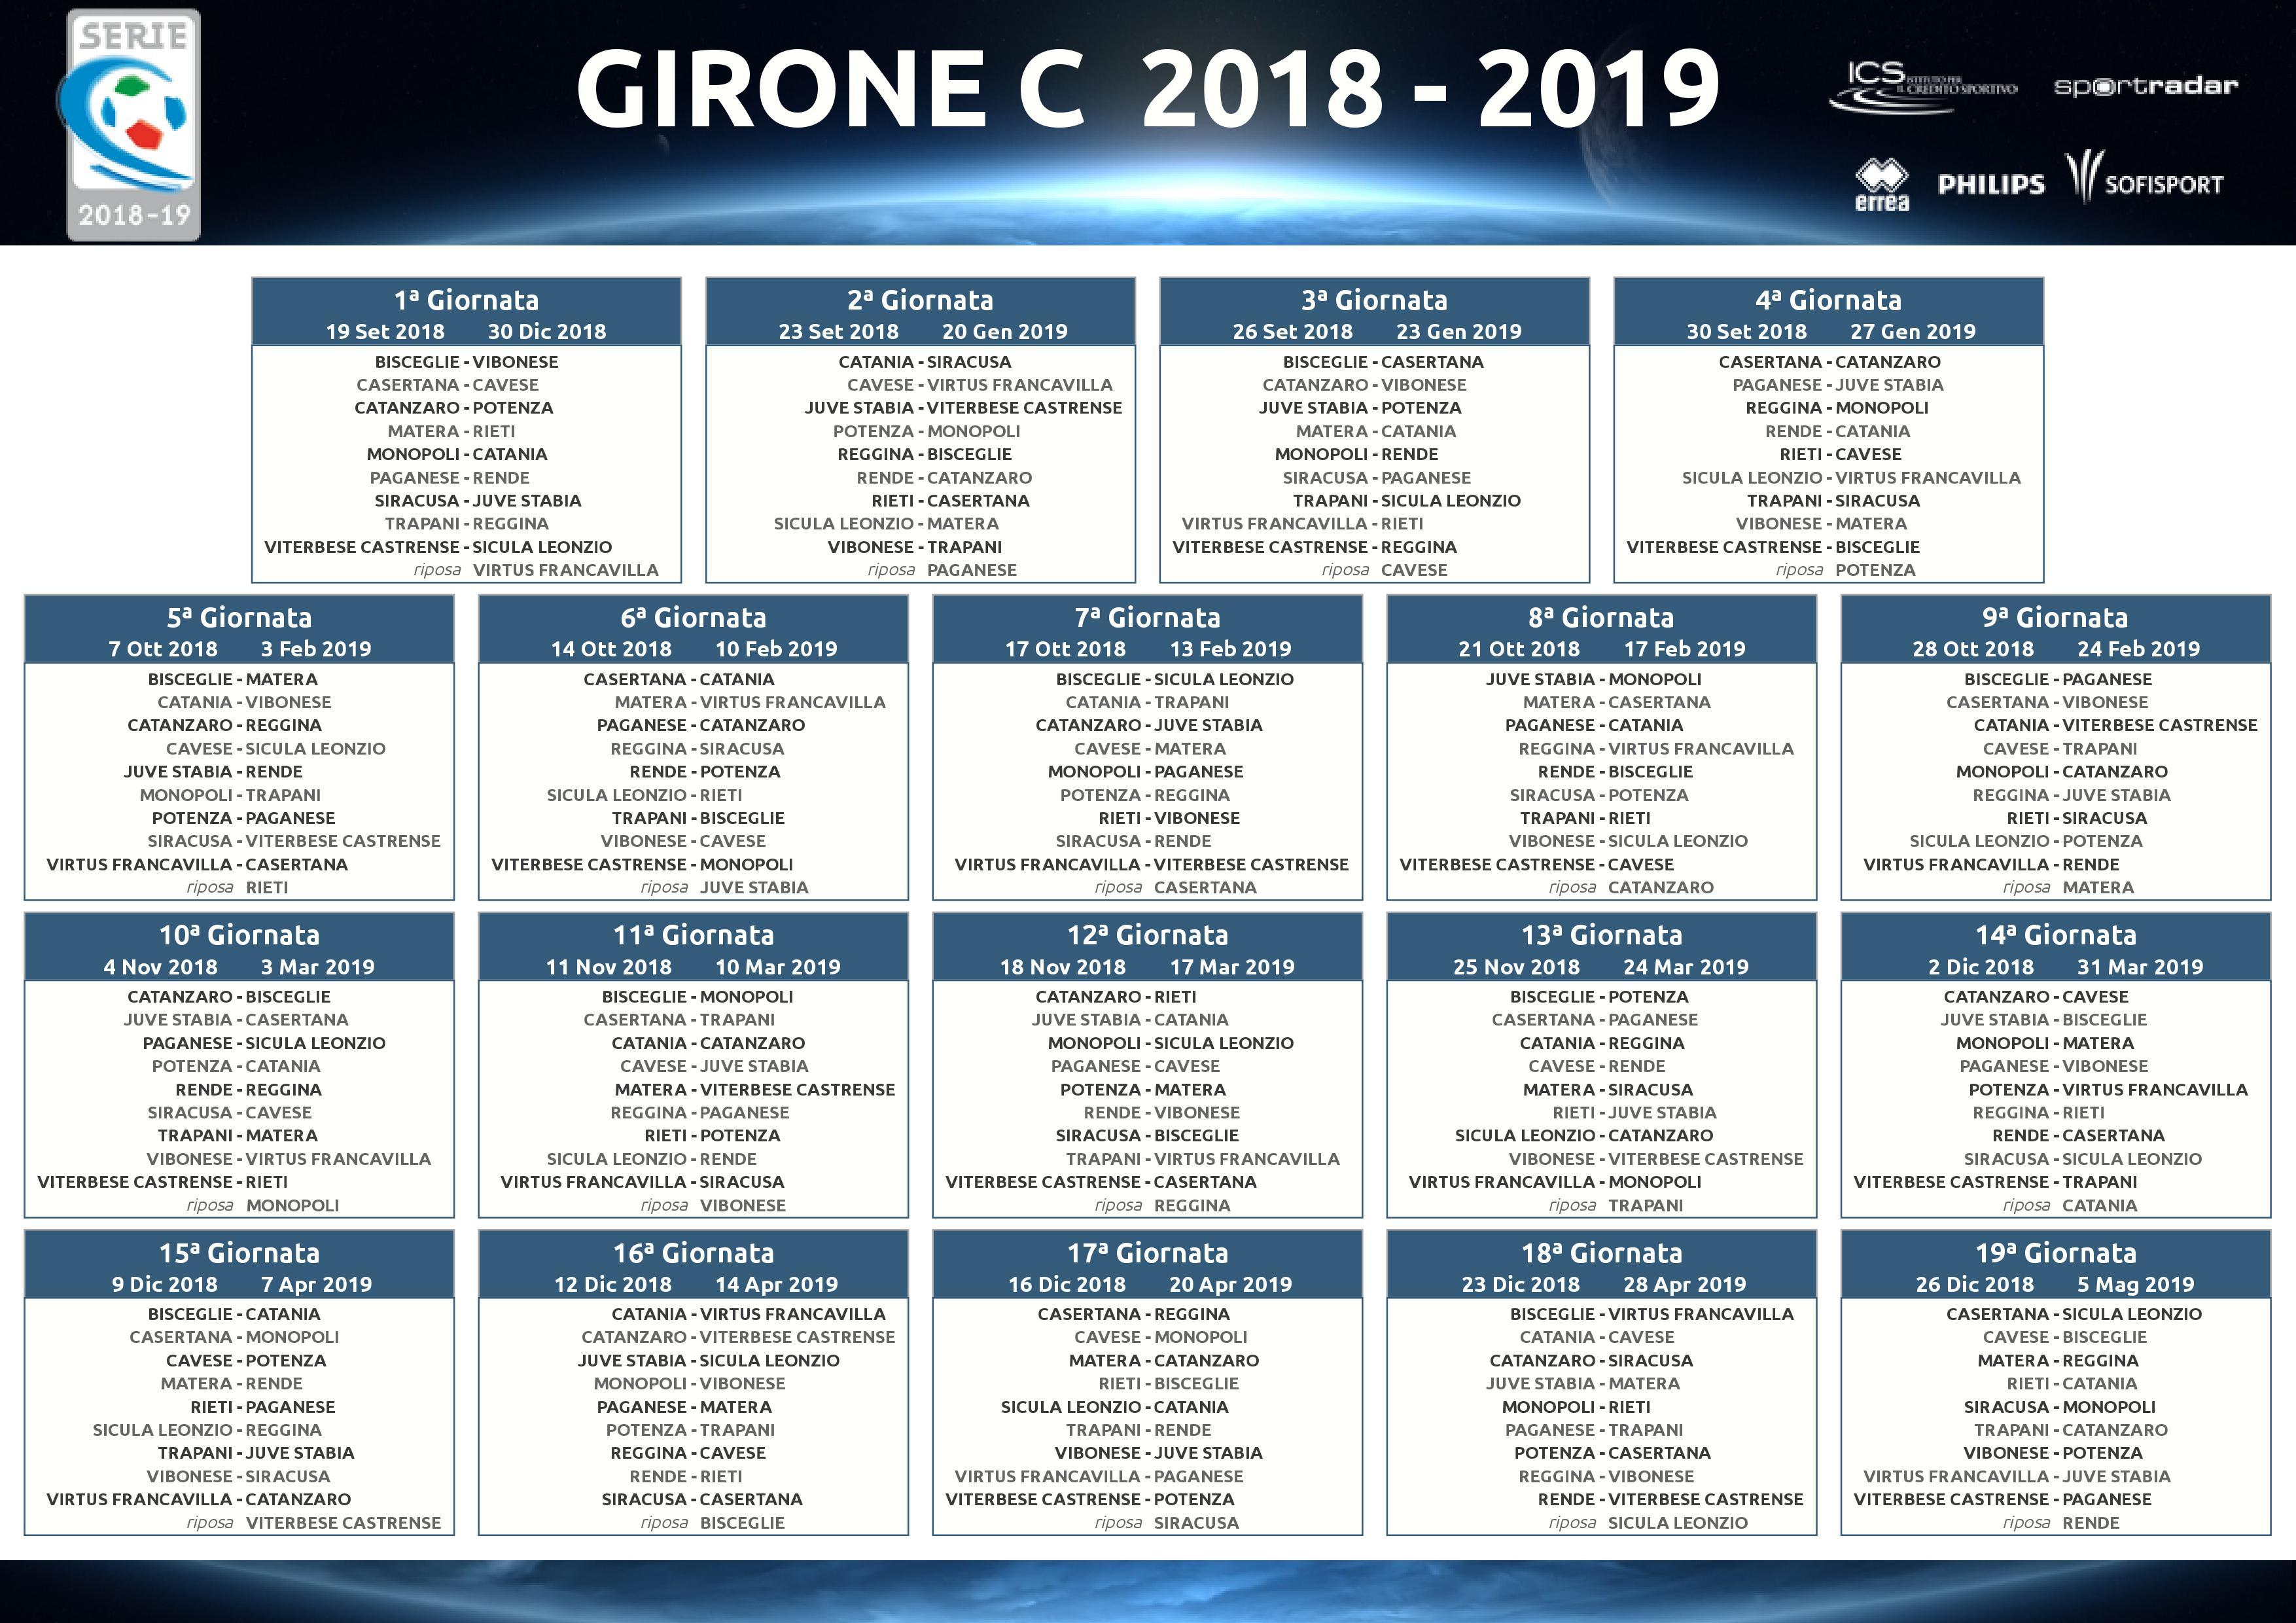 Calendario E Classifica Serie C Girone C.Calendario Serie C Girone C Calendario 2020